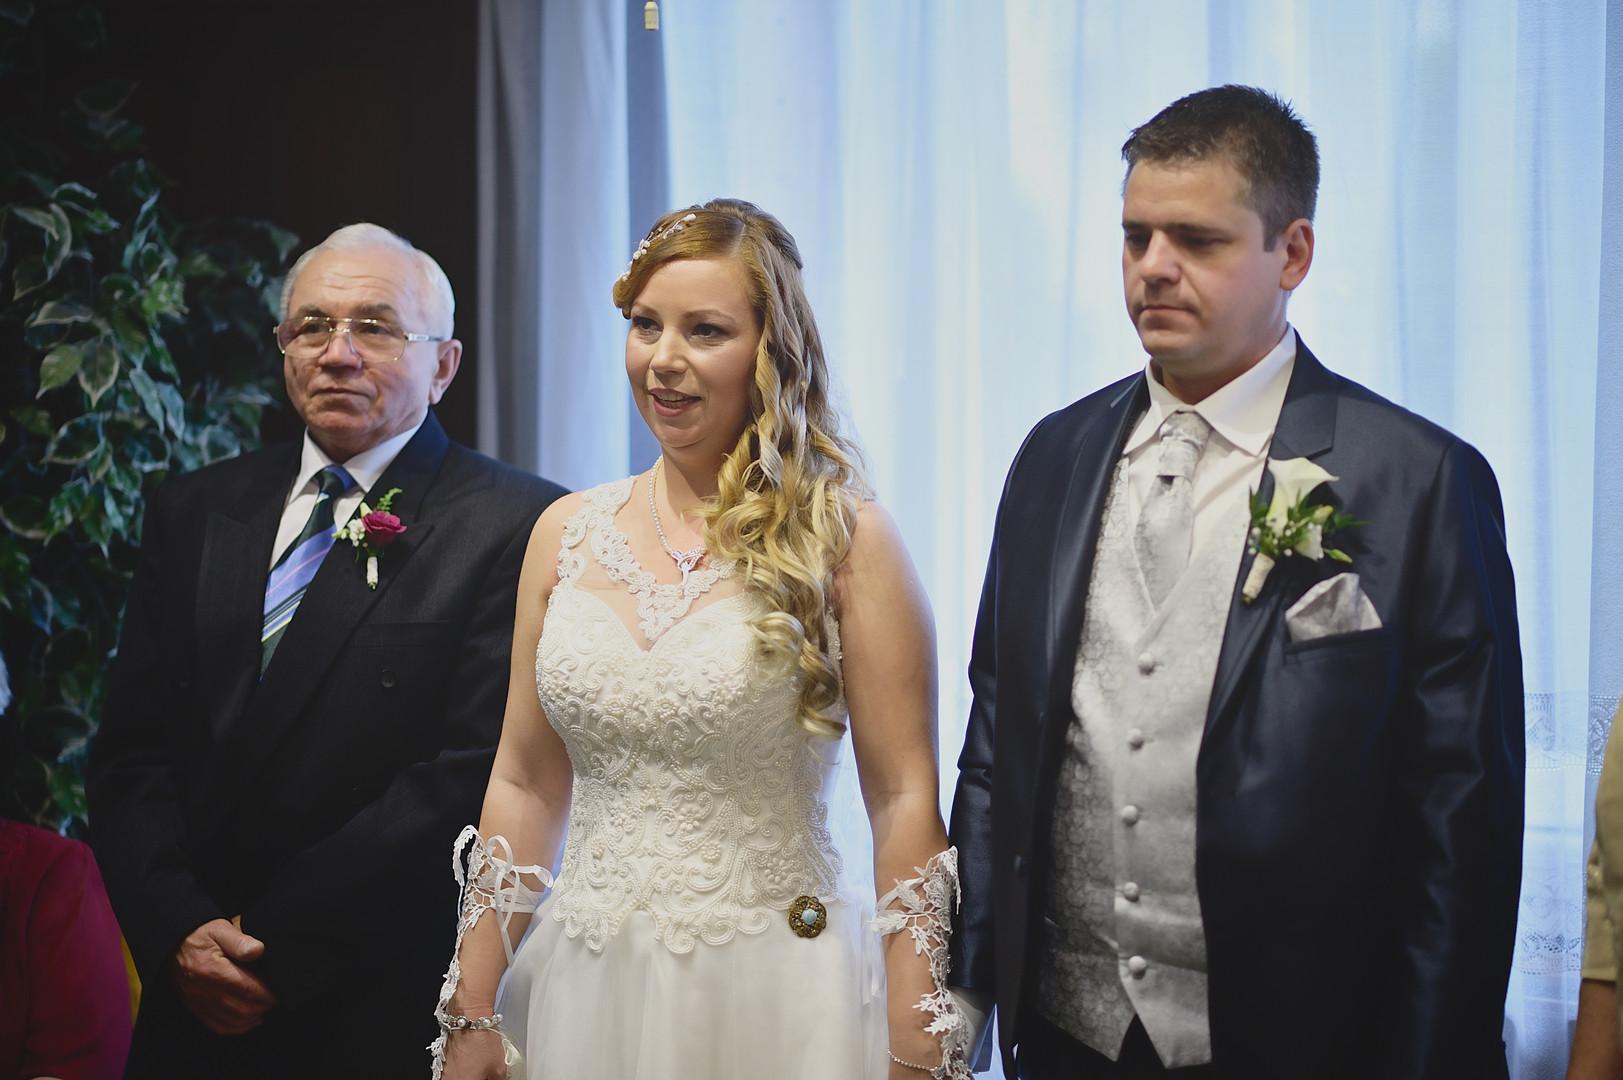 047 Esküvői fotózás - Enikő és Peti.jpg